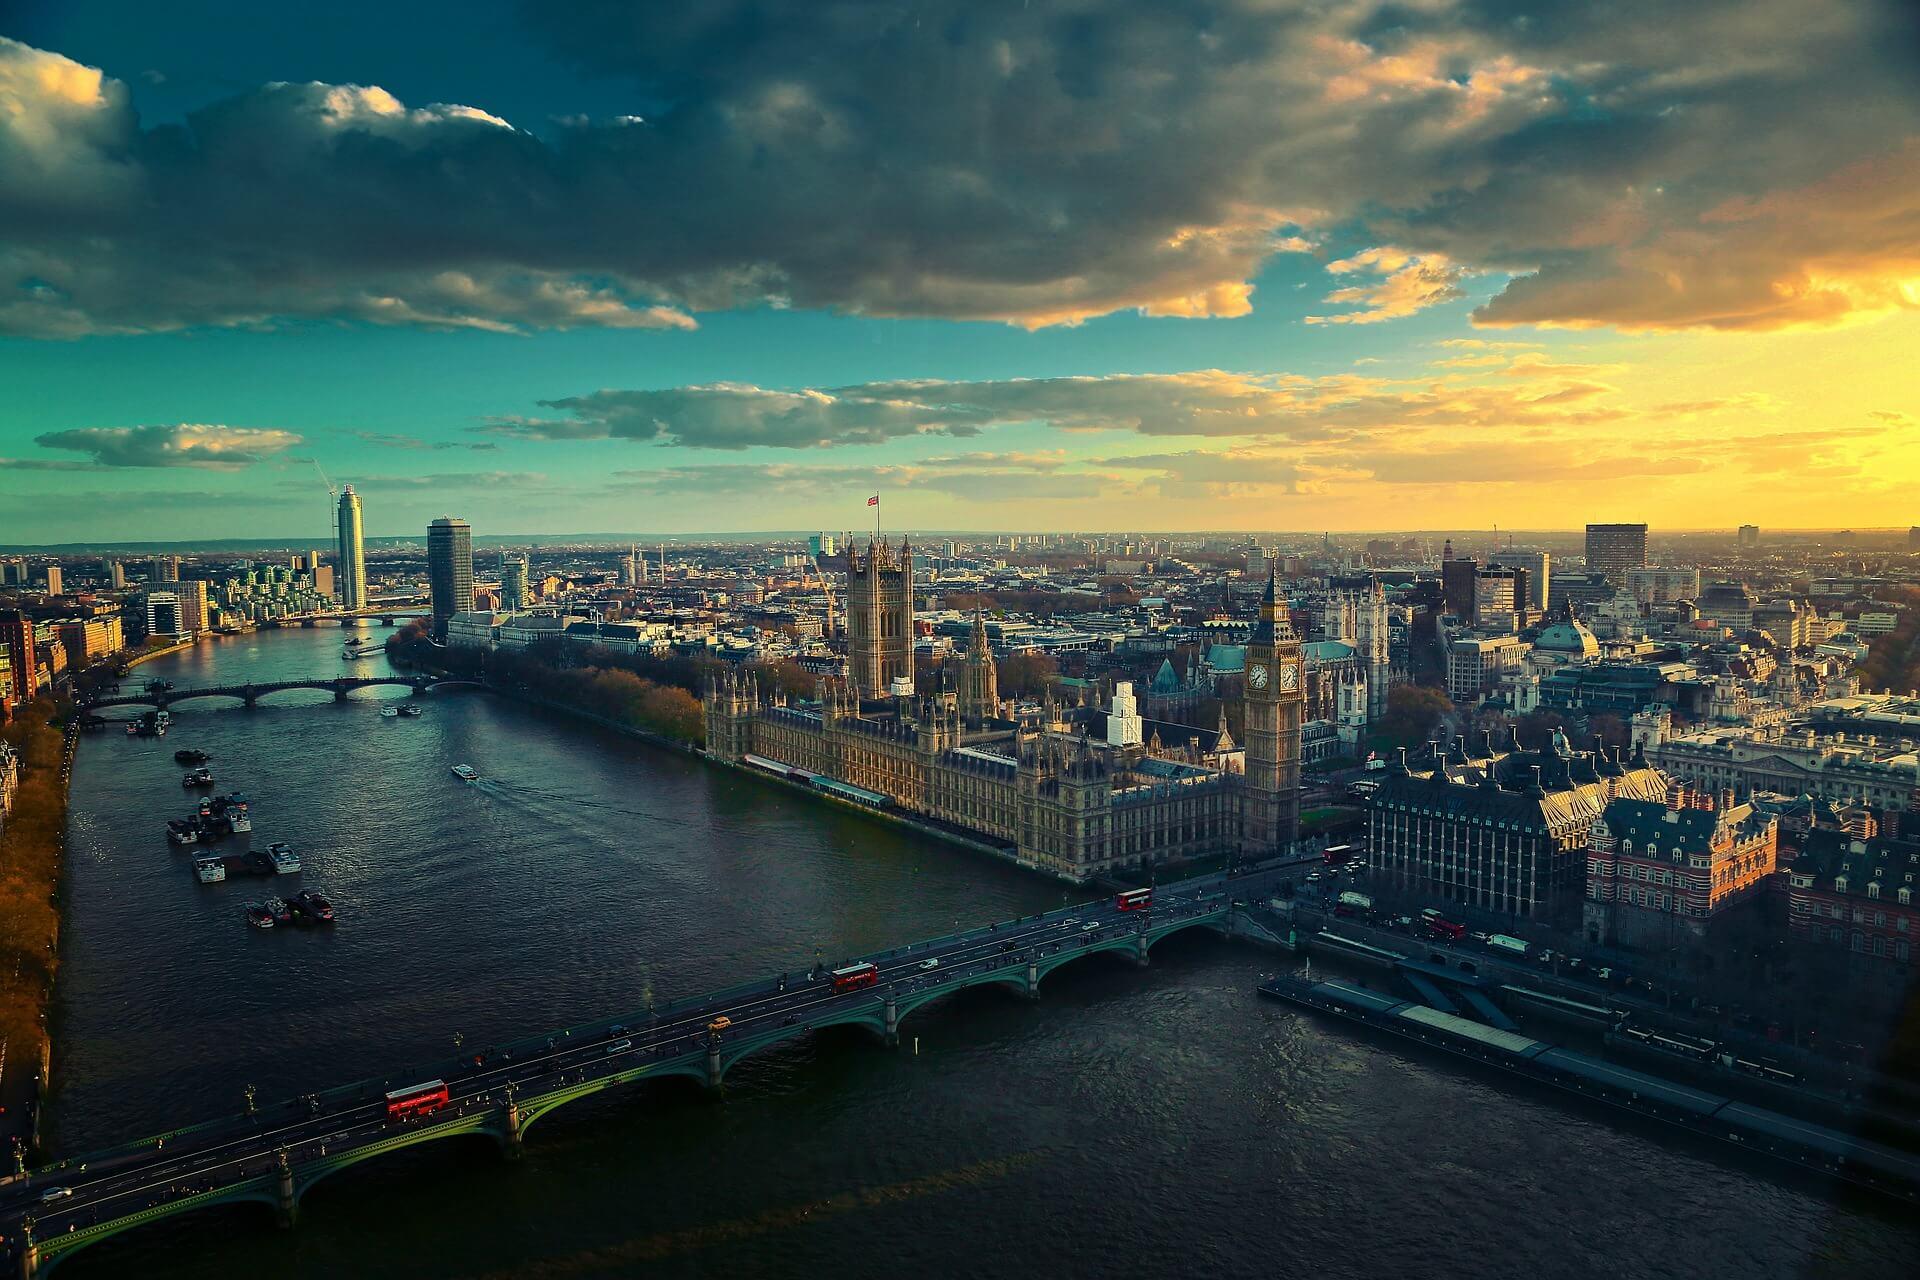 london Westminster Bridge,Big Ben